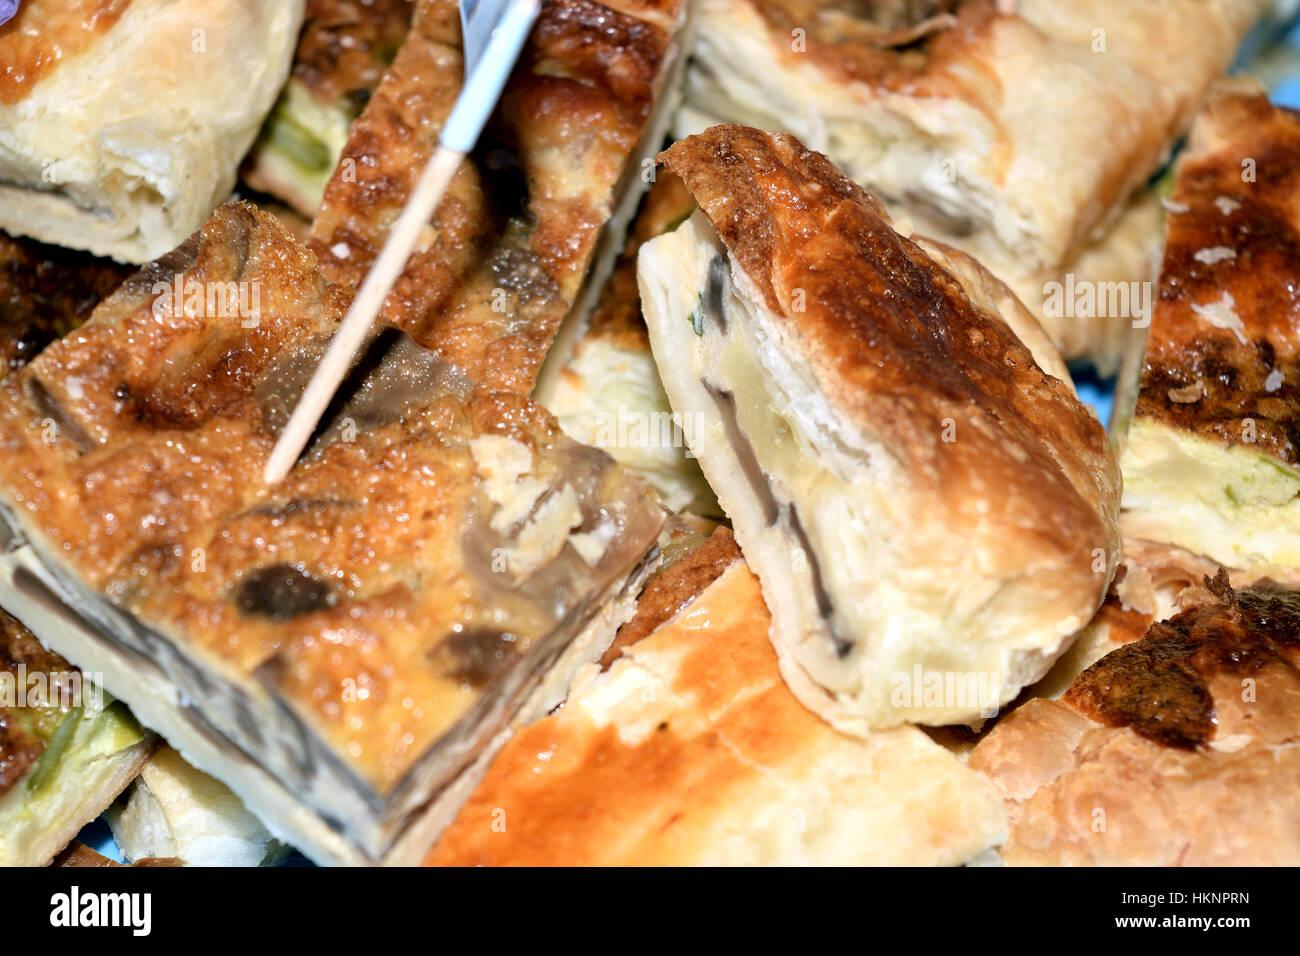 Blätterteig Gefüllt Mit Schinken Käse Und Pilzen Stockfoto Bild